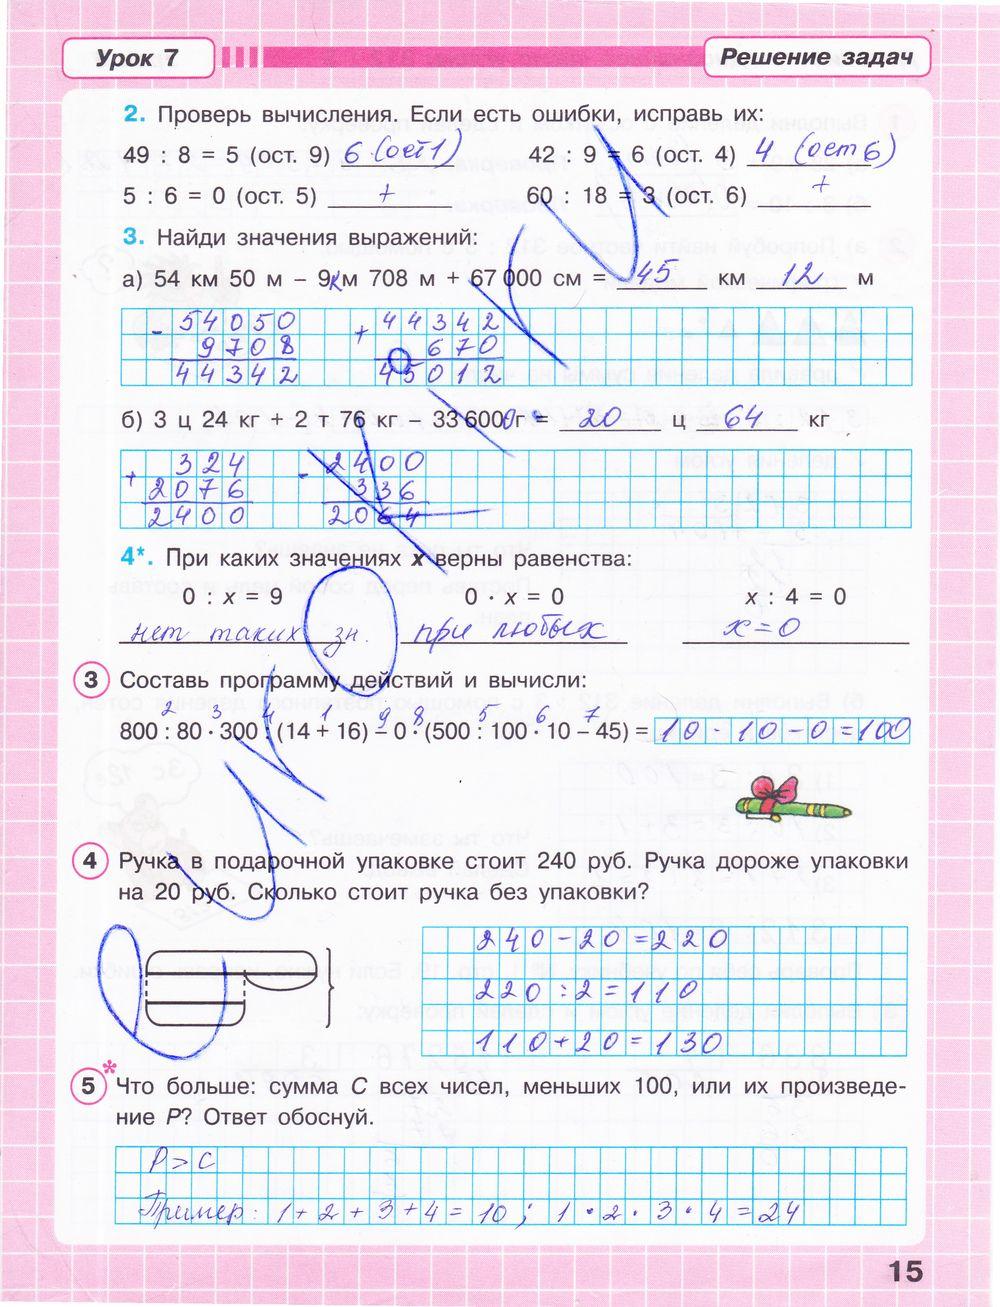 Гдз по математике 10 класс для спо